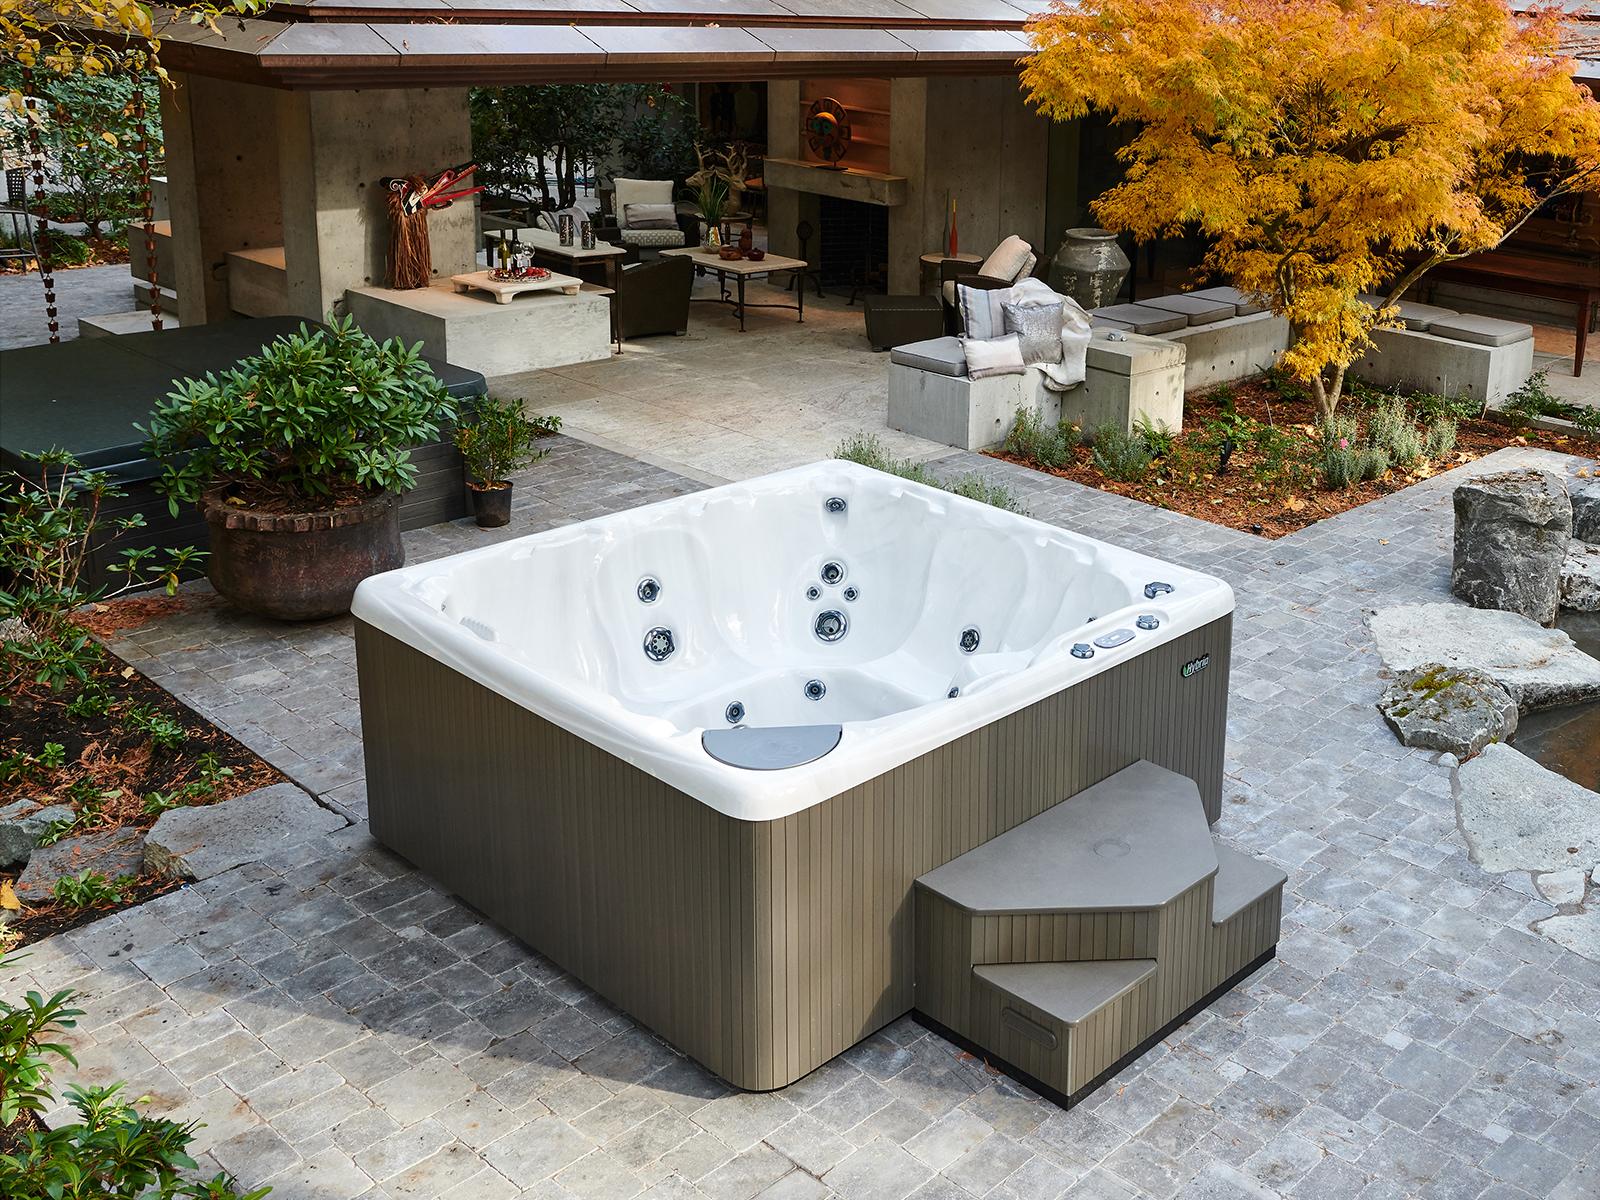 empty beachcomber hot tub on patio